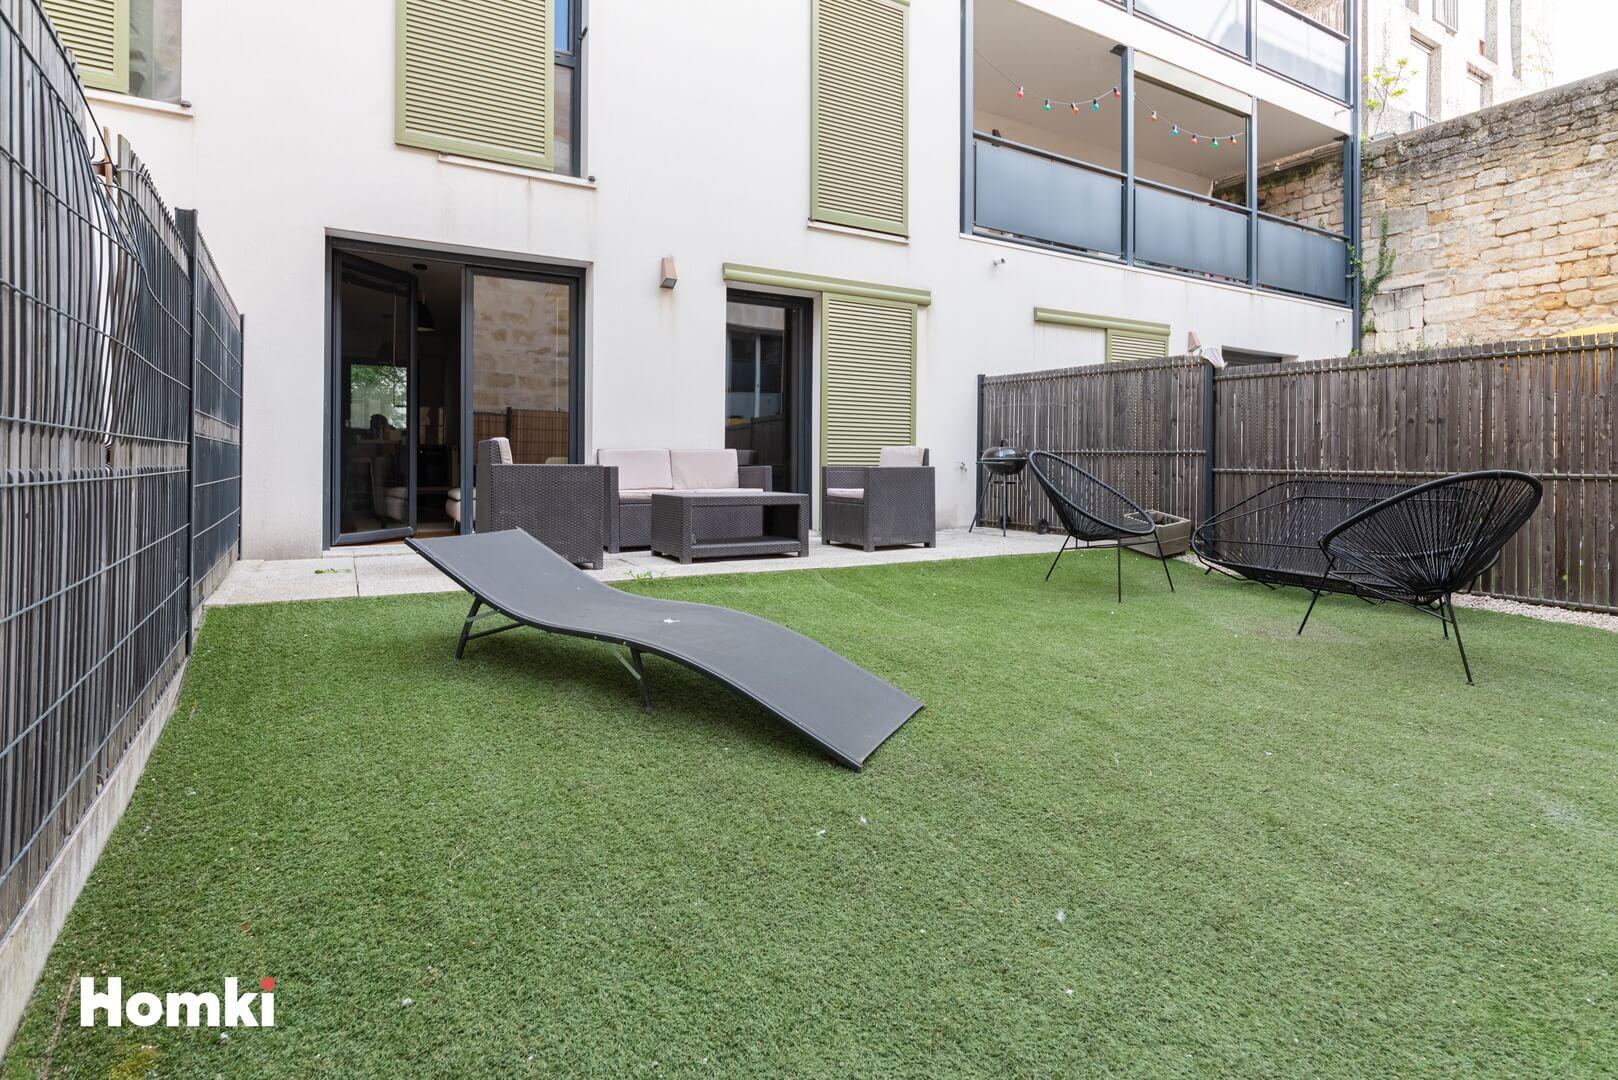 Homki - Vente Appartement  de 47.0 m² à Bordeaux 33300